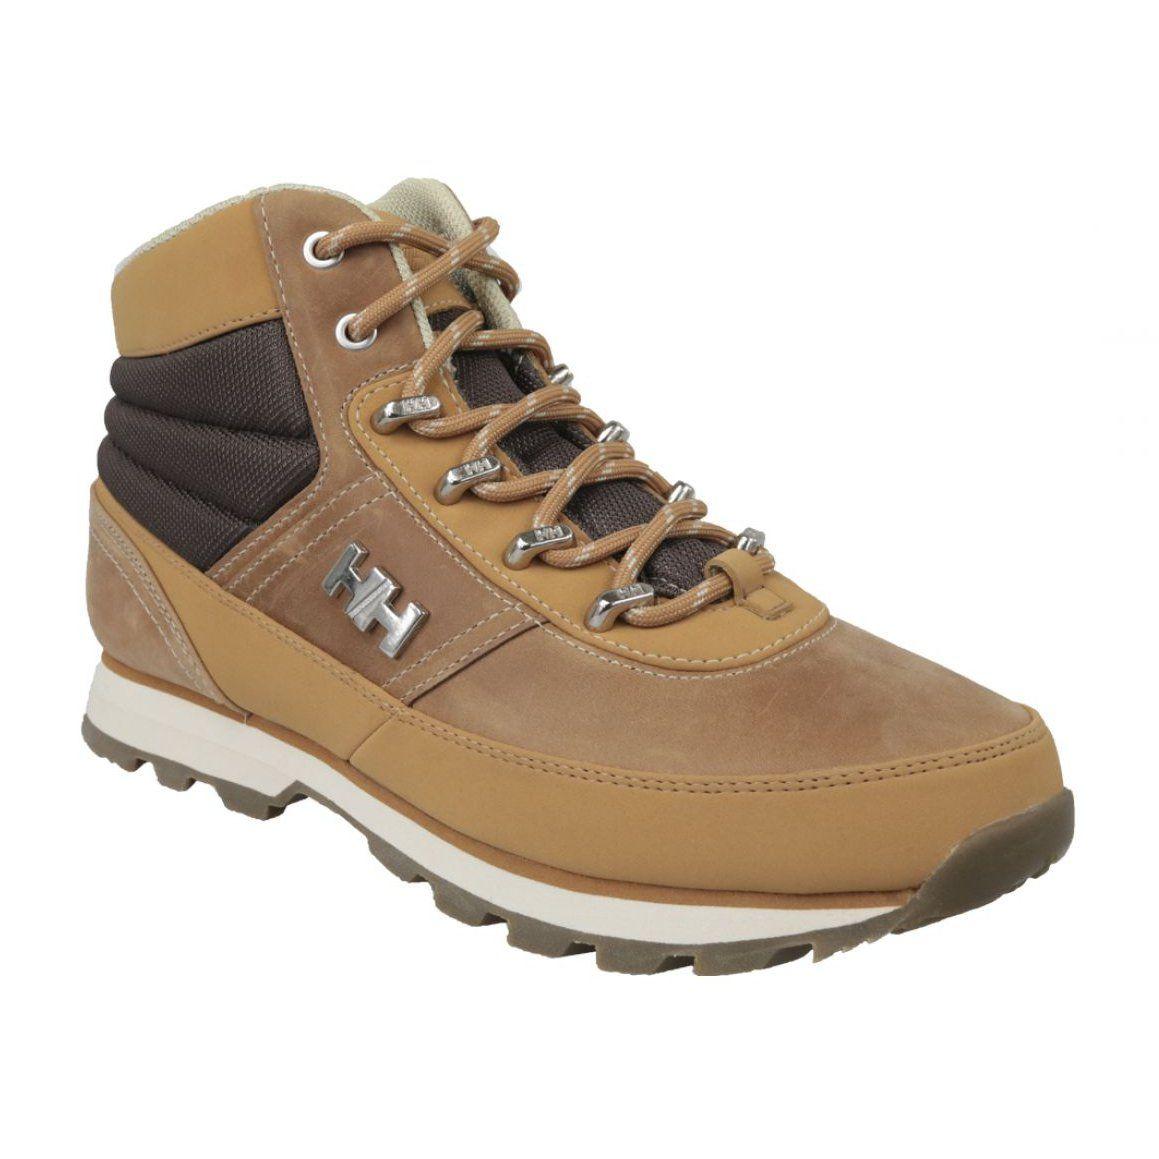 Buty Helly Hansen Woodlands W 10807 726 Brazowe Women Shoes Shoes Nubuck Leather